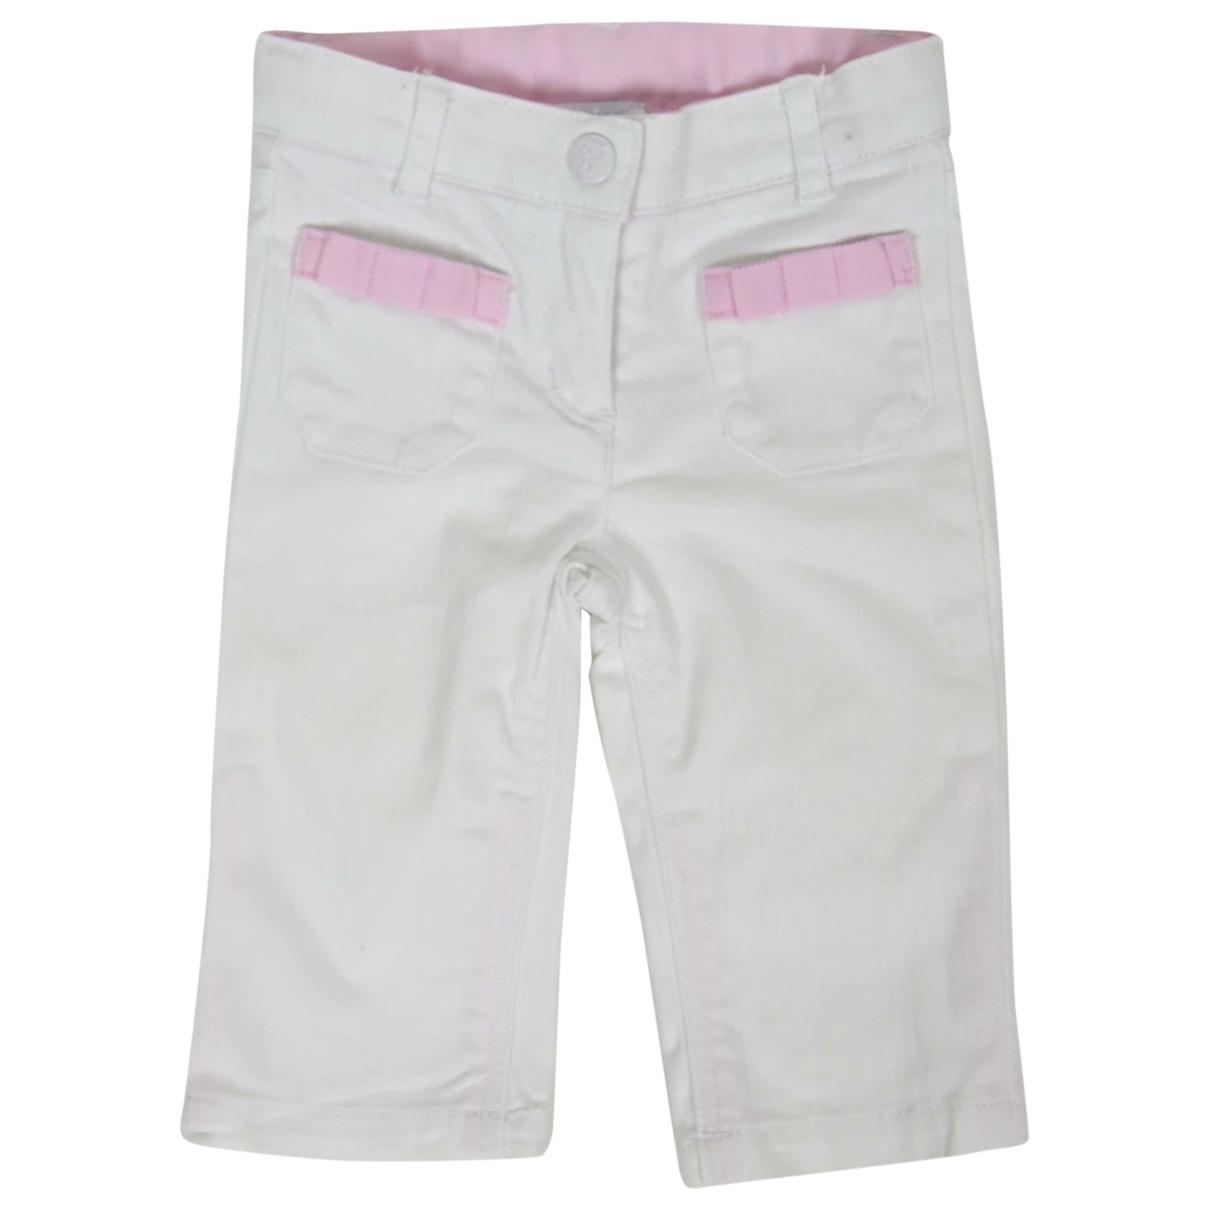 Pantalones en Algodon Blanco Jacadi